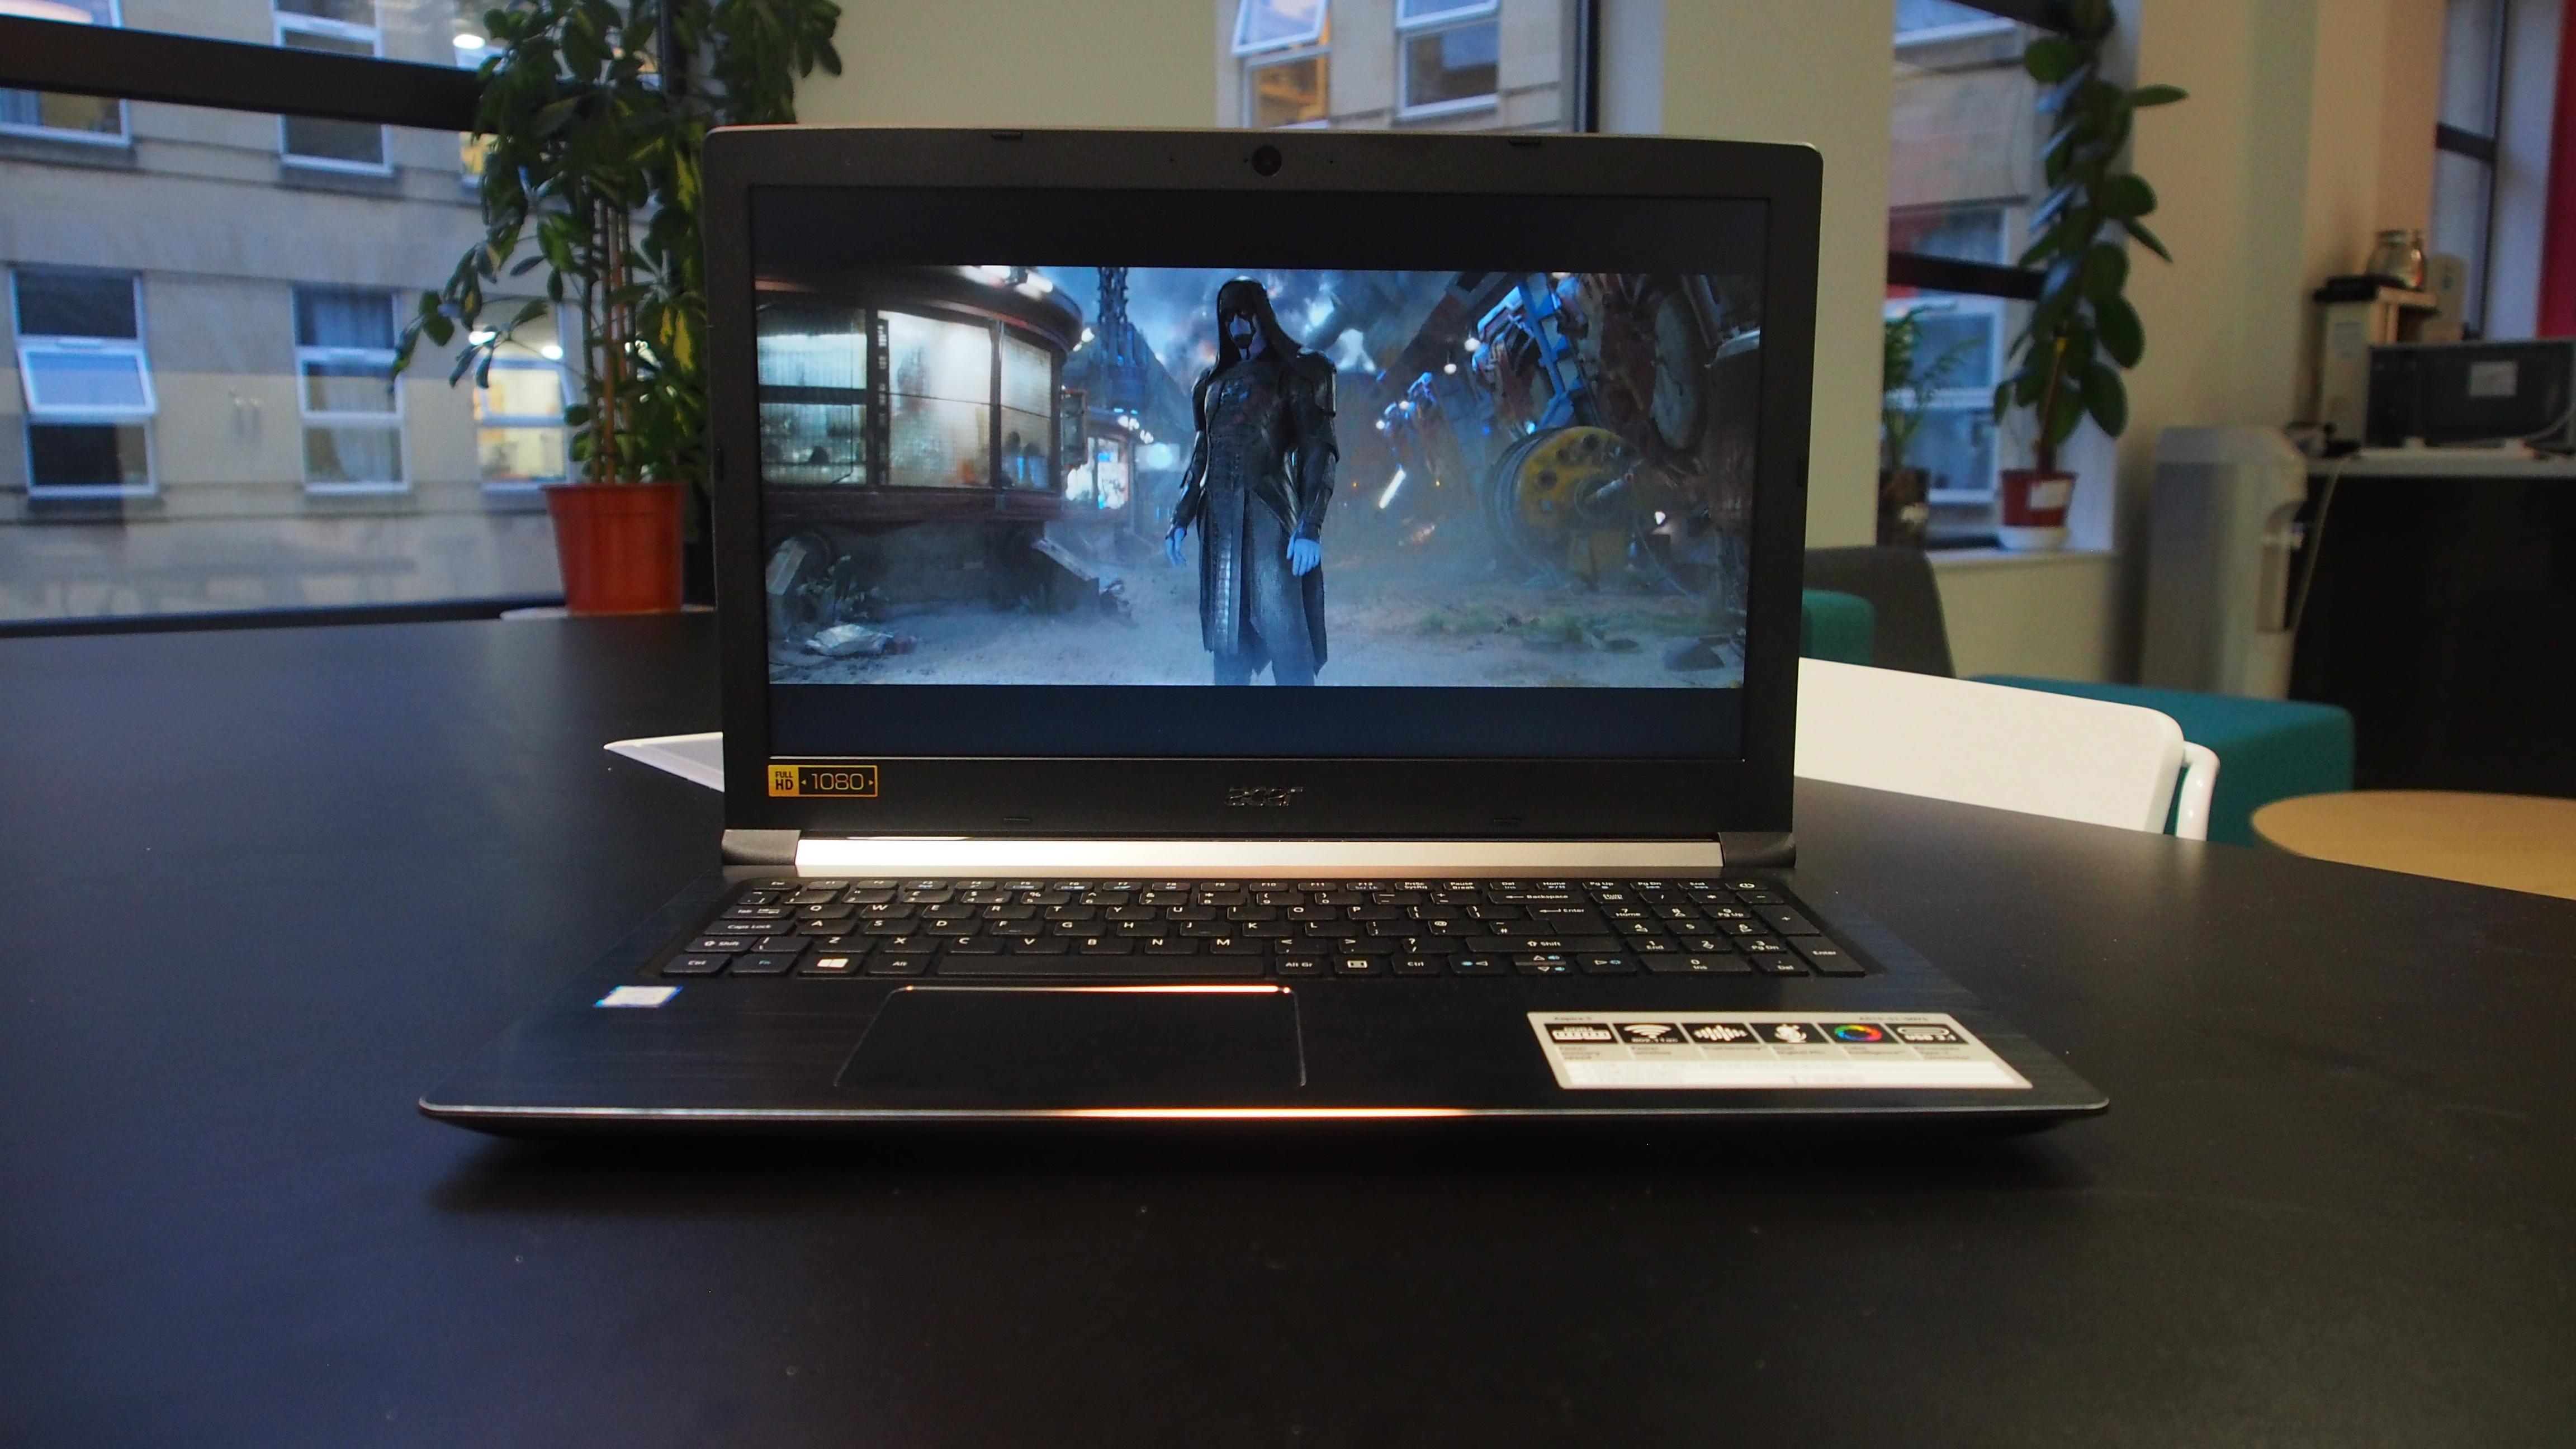 Acer Aspire 5 Performance Battery Life And Verdict Techradar E5 476g Intel Core I3 6006u